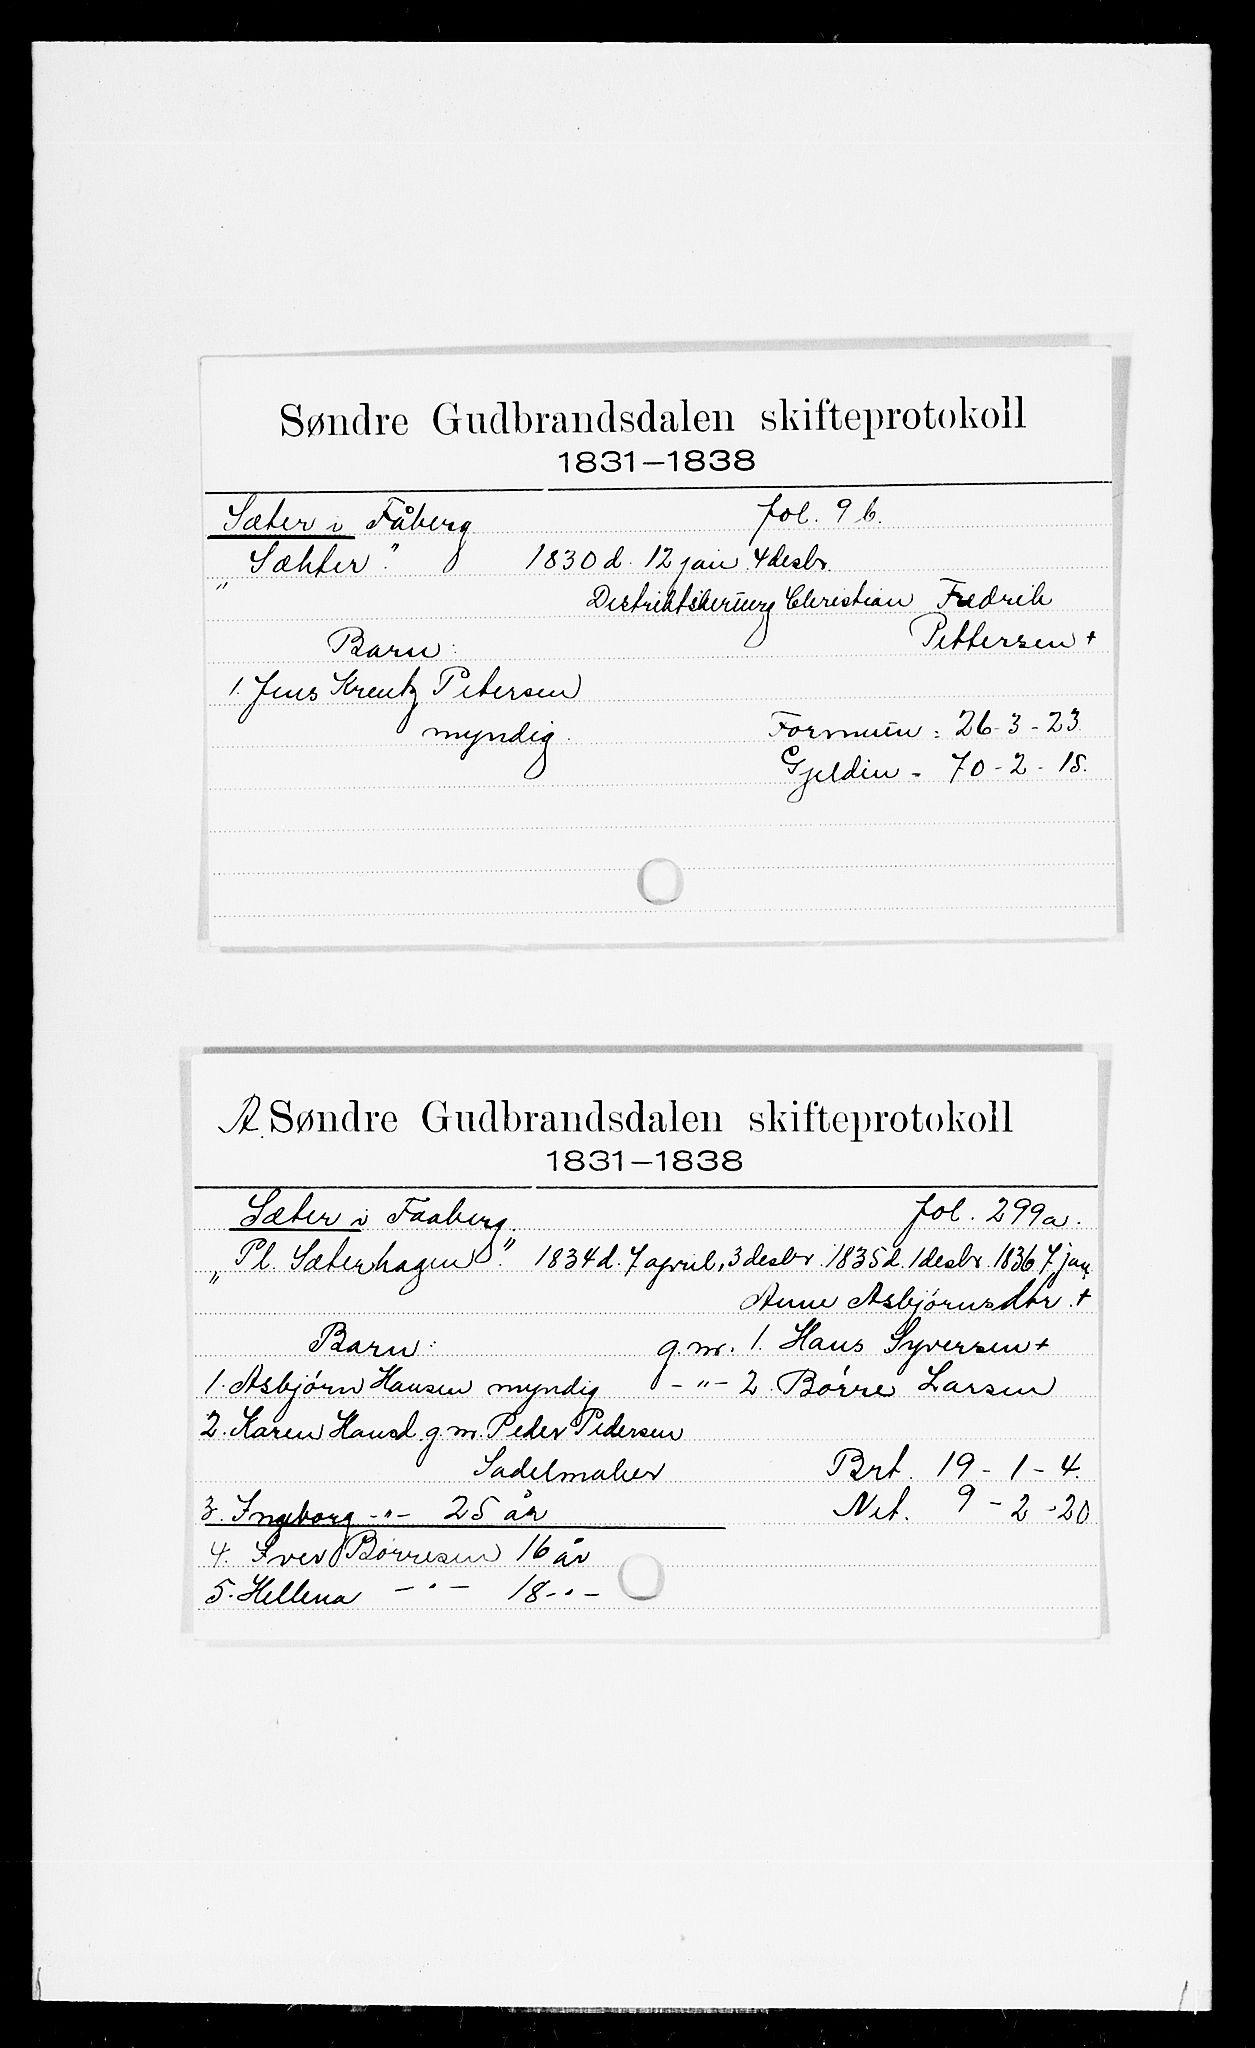 SAH, Sør-Gudbrandsdal tingrett, J, 1658-1885, s. 16508